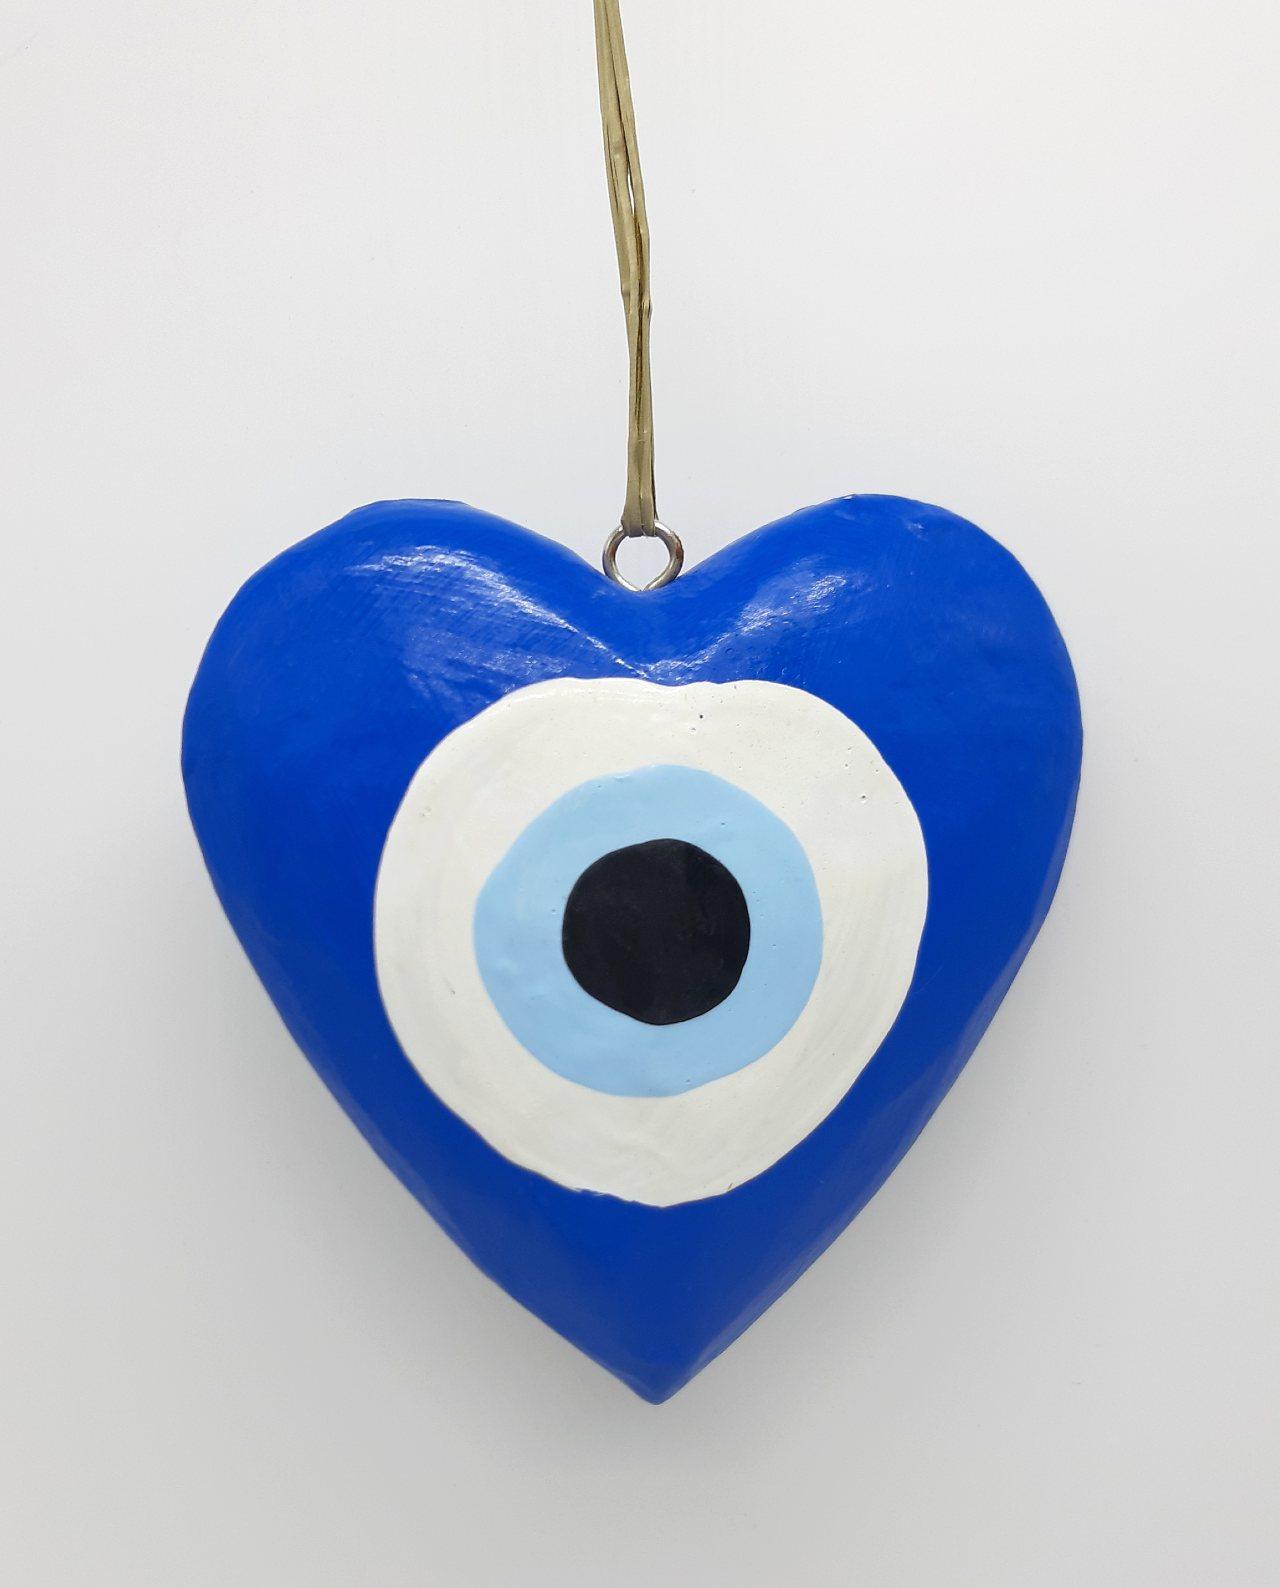 Καρδιά Ματάκι Ξύλινη Χειροποίητη Διαμέτρου 10 cm